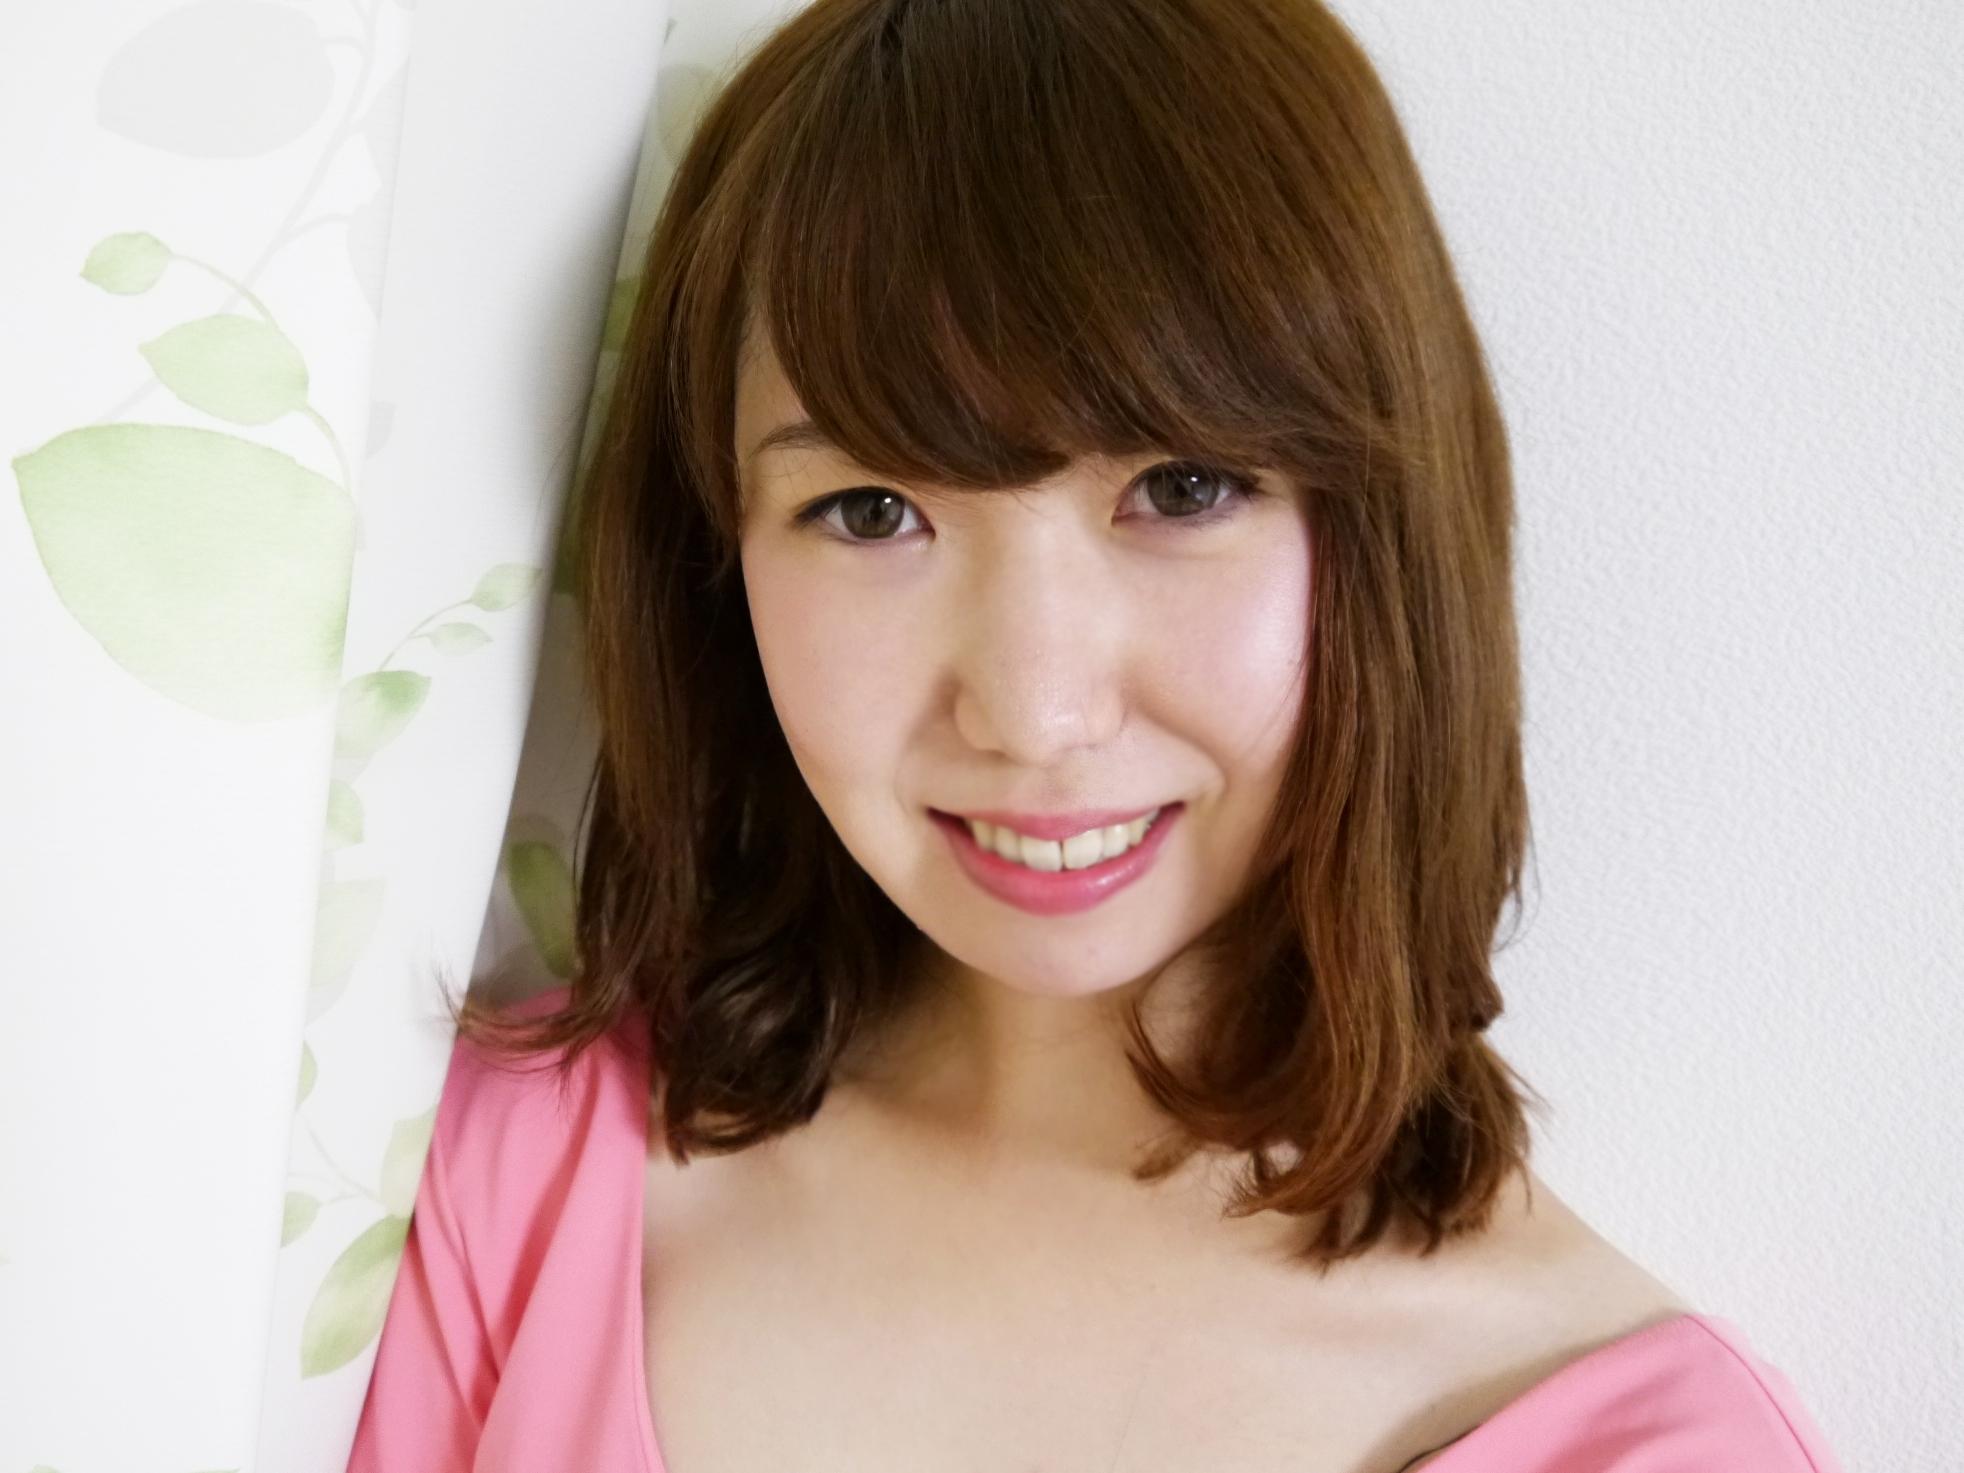 AICOna - Japanese webcam girl